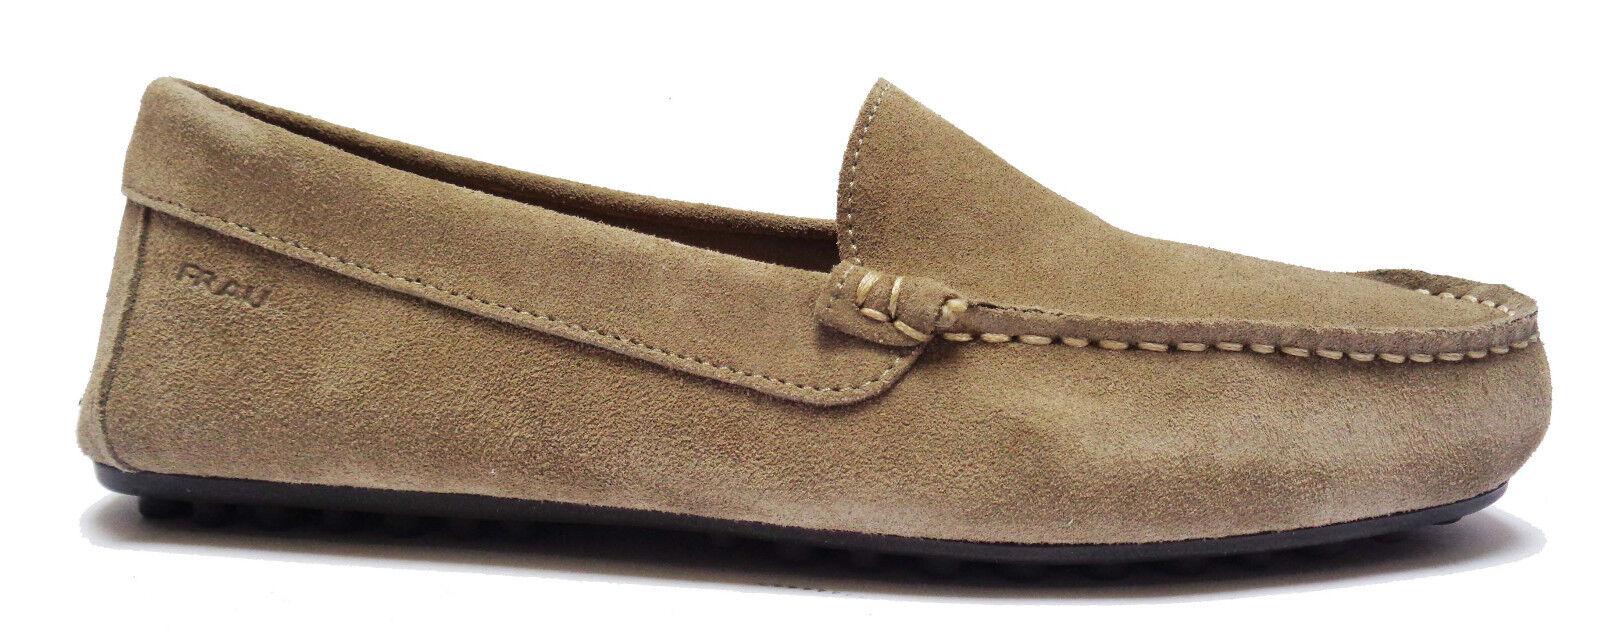 FRAU 31A0 Zapatos DA hombre MOCASSINI IN CON CAMOSCIO COL. SUGHERO FONDO CON IN GOMMINI b839a5